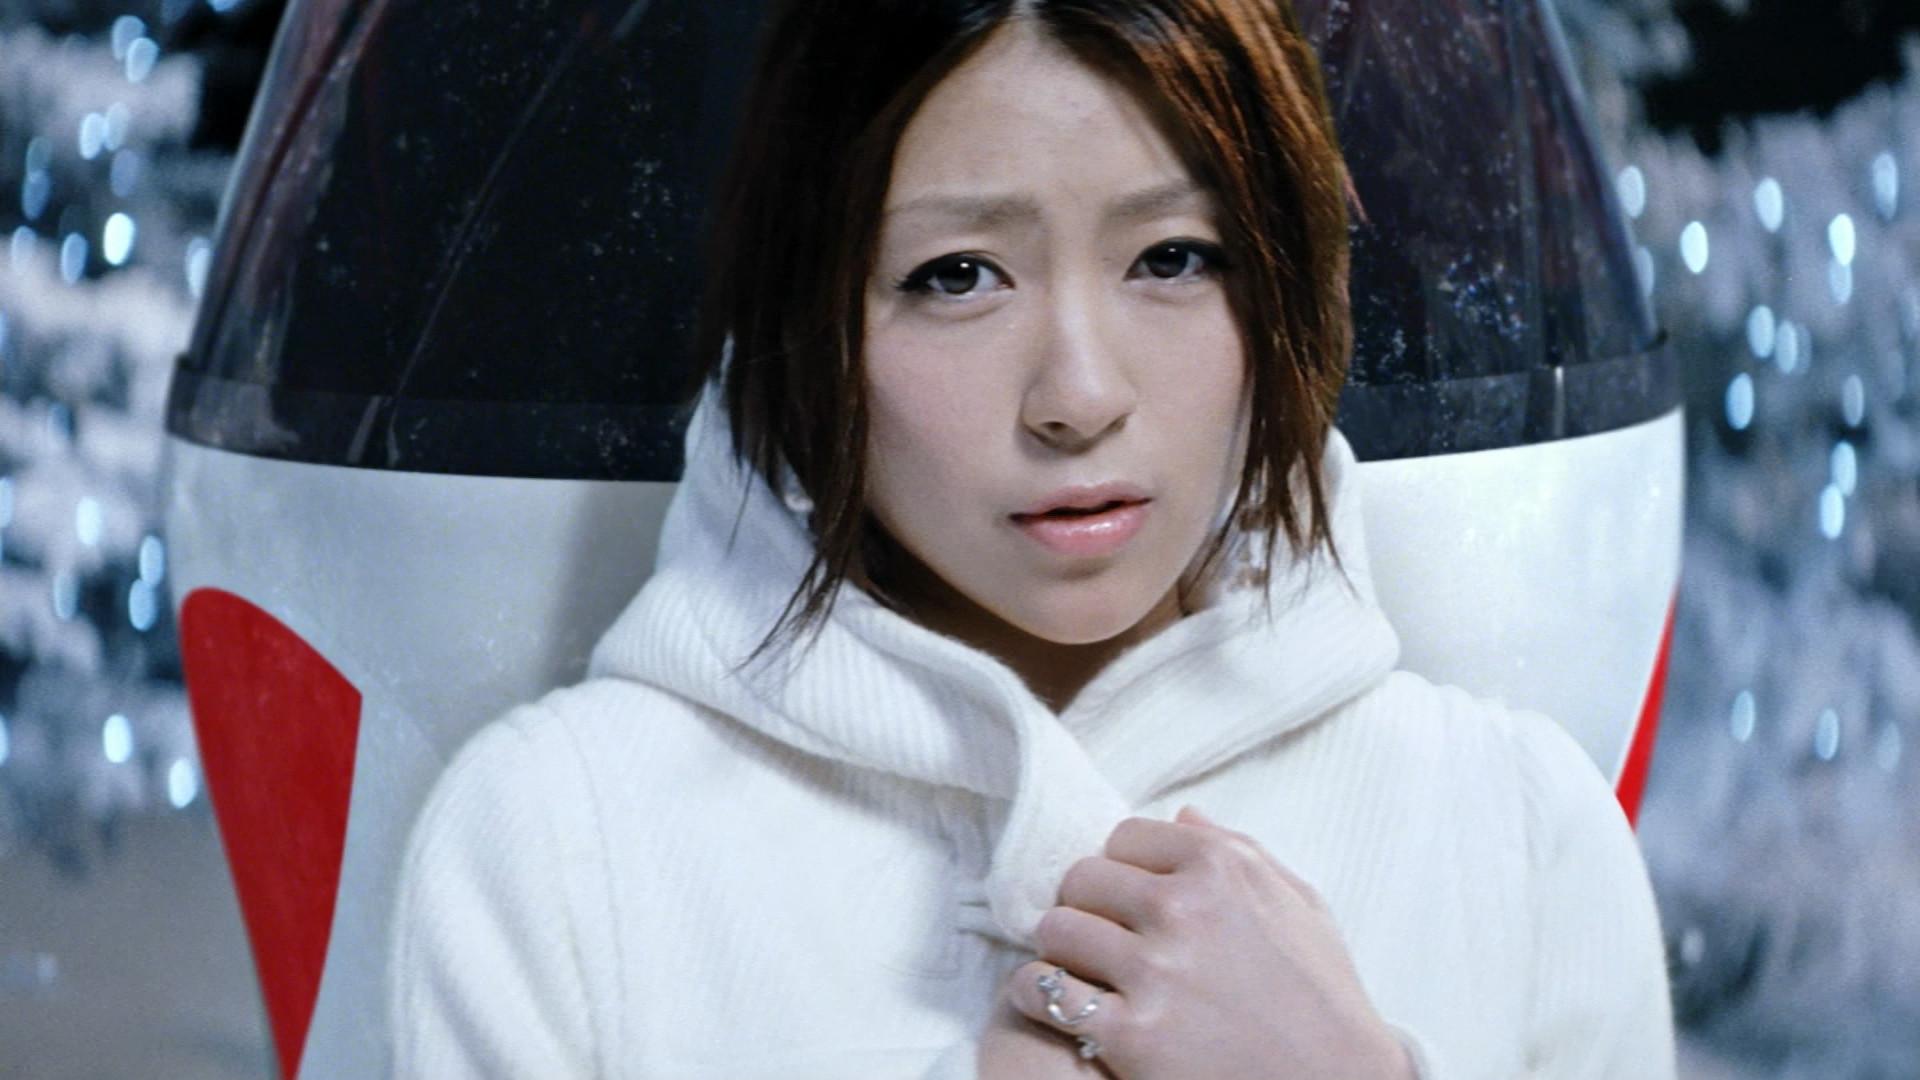 宇多田ヒカルの「桜流し」が美しくて切ない…どんな曲?その意味は?のサムネイル画像